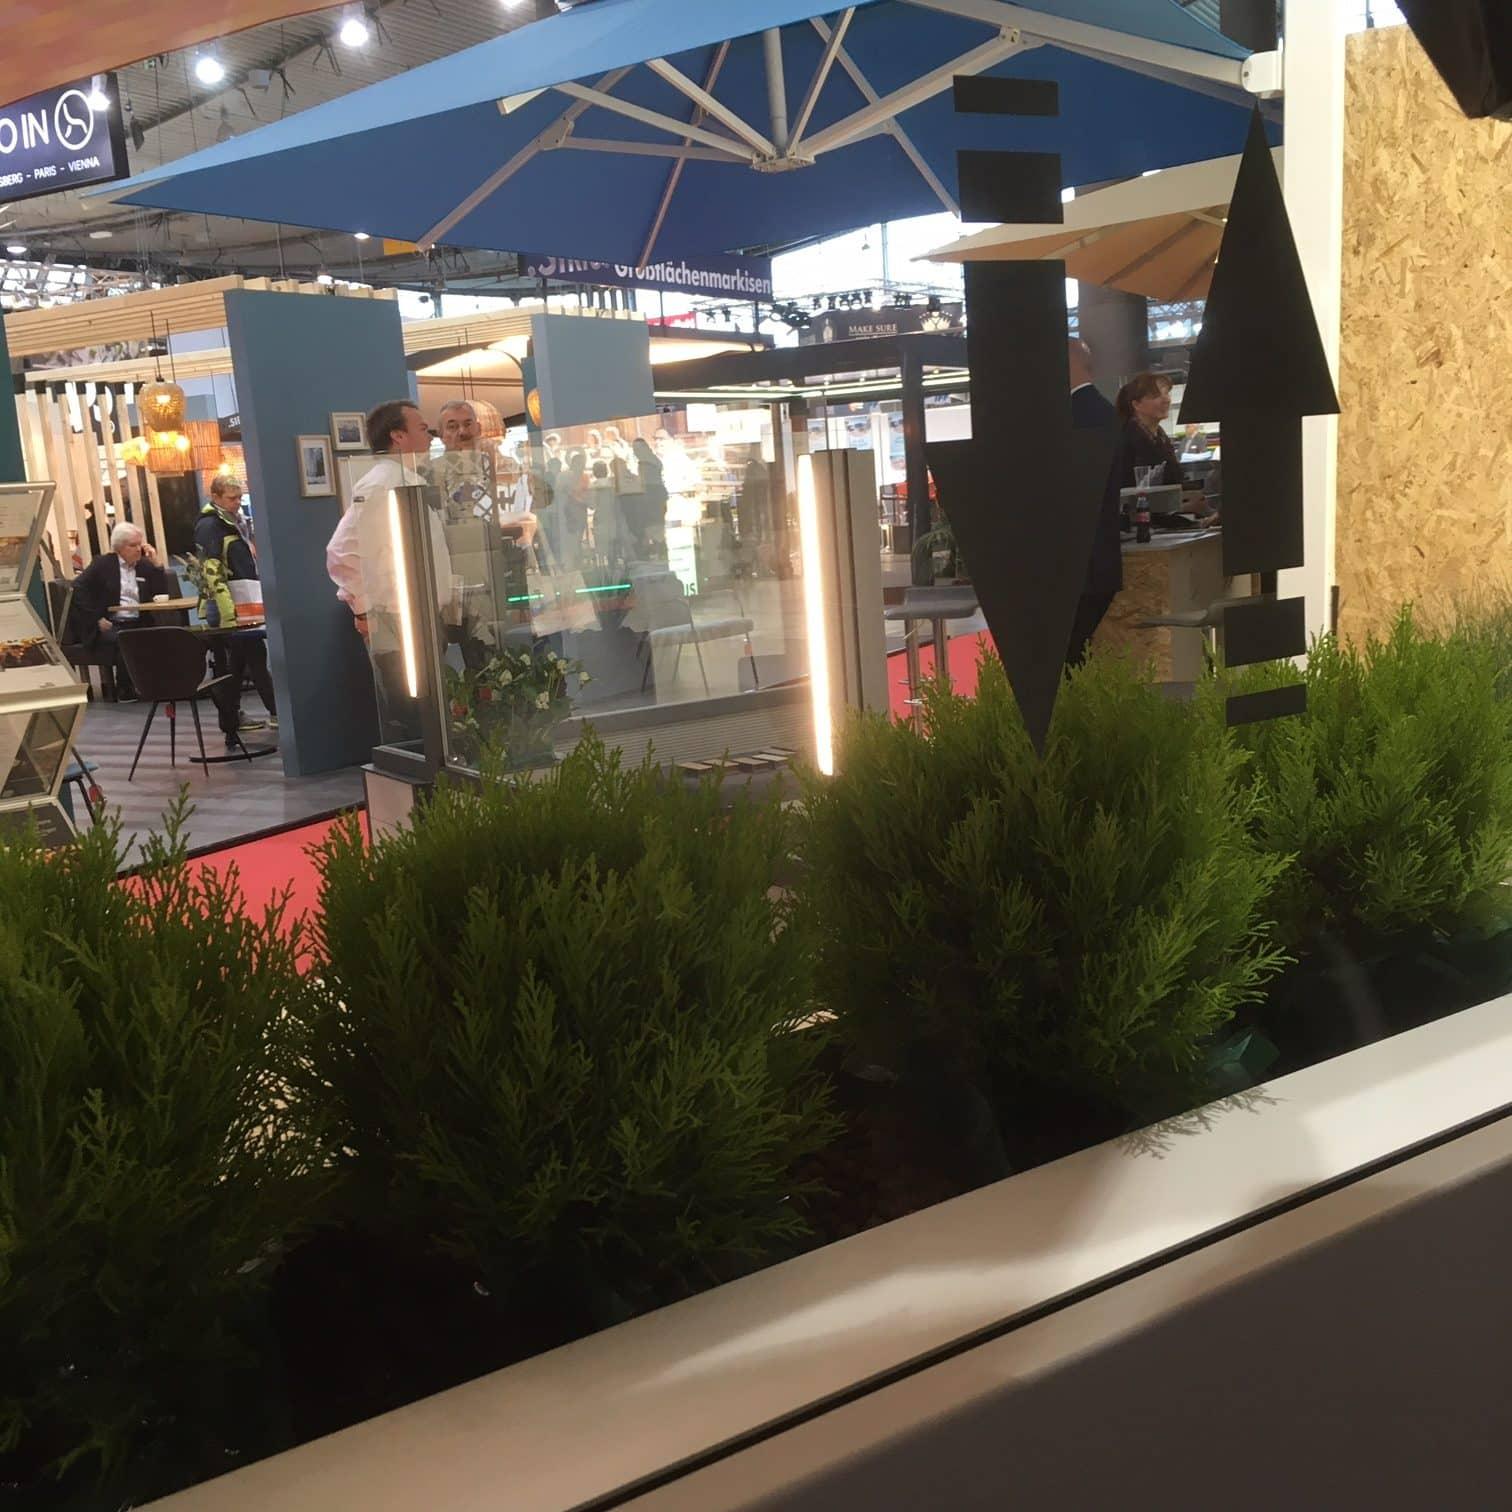 Terrassenprofis zeigen modulare Designs für sensible Umgebungen